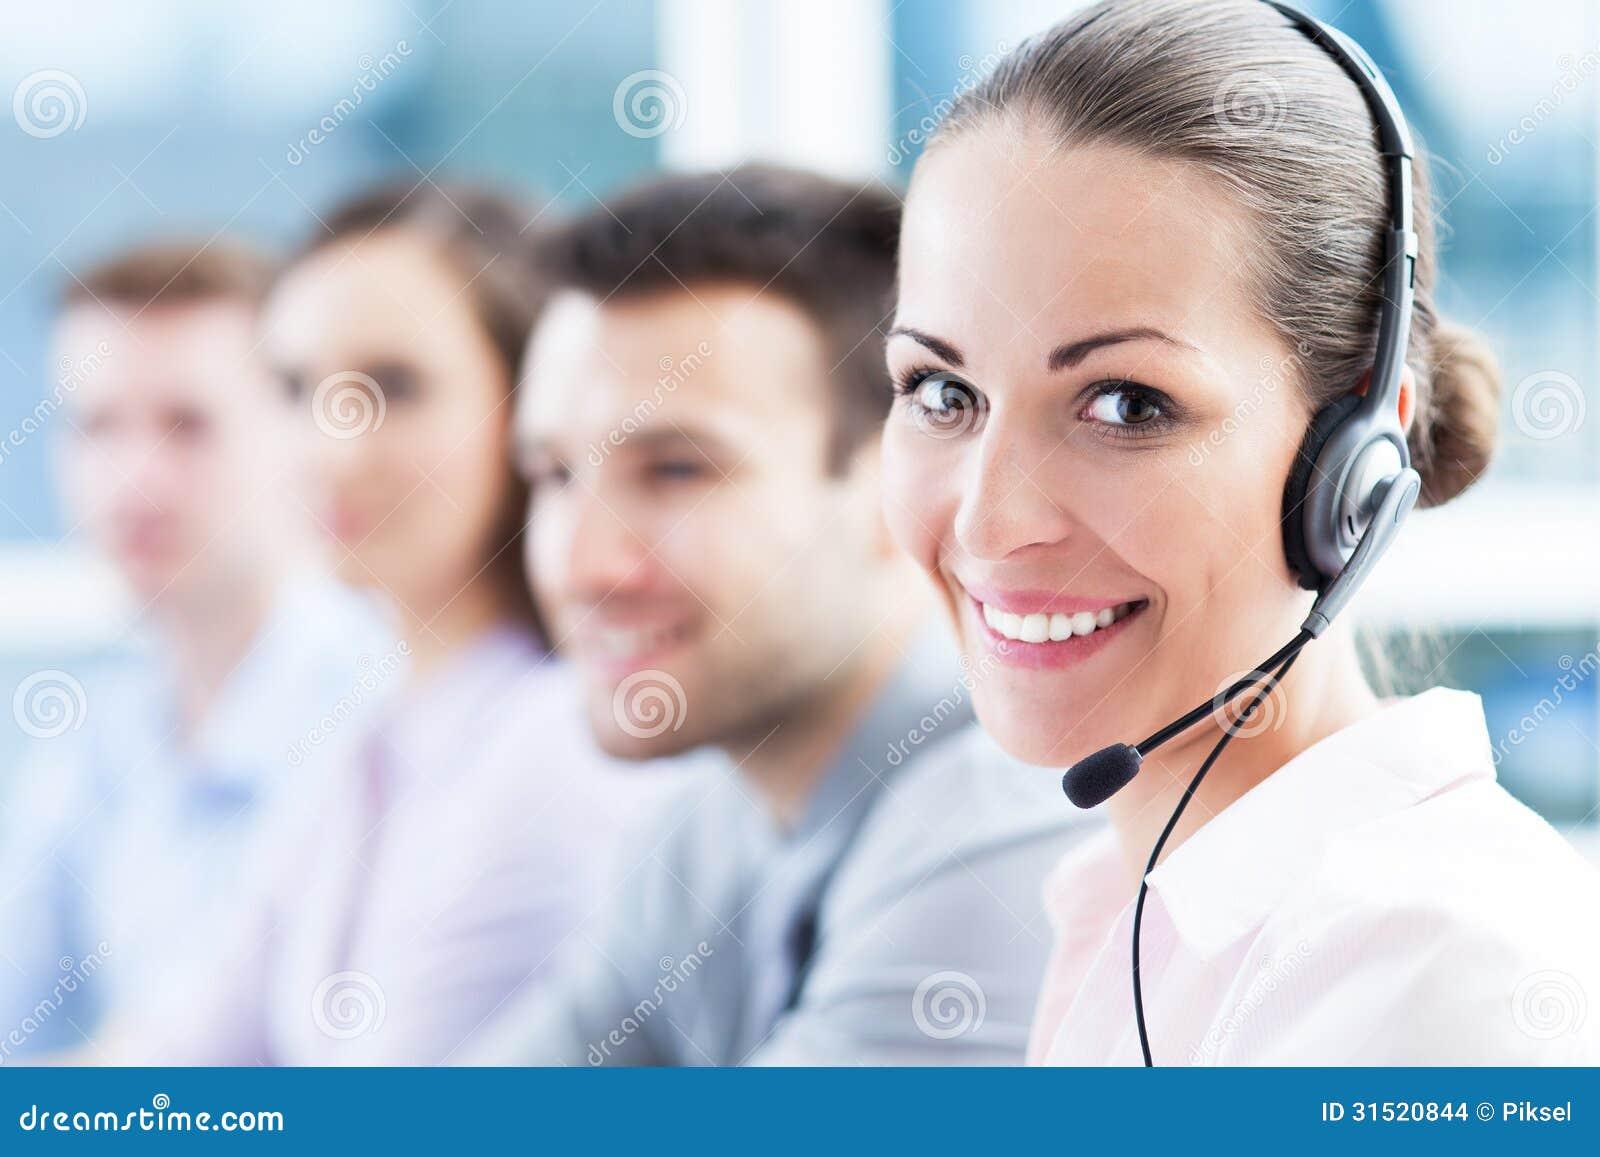 Call center team